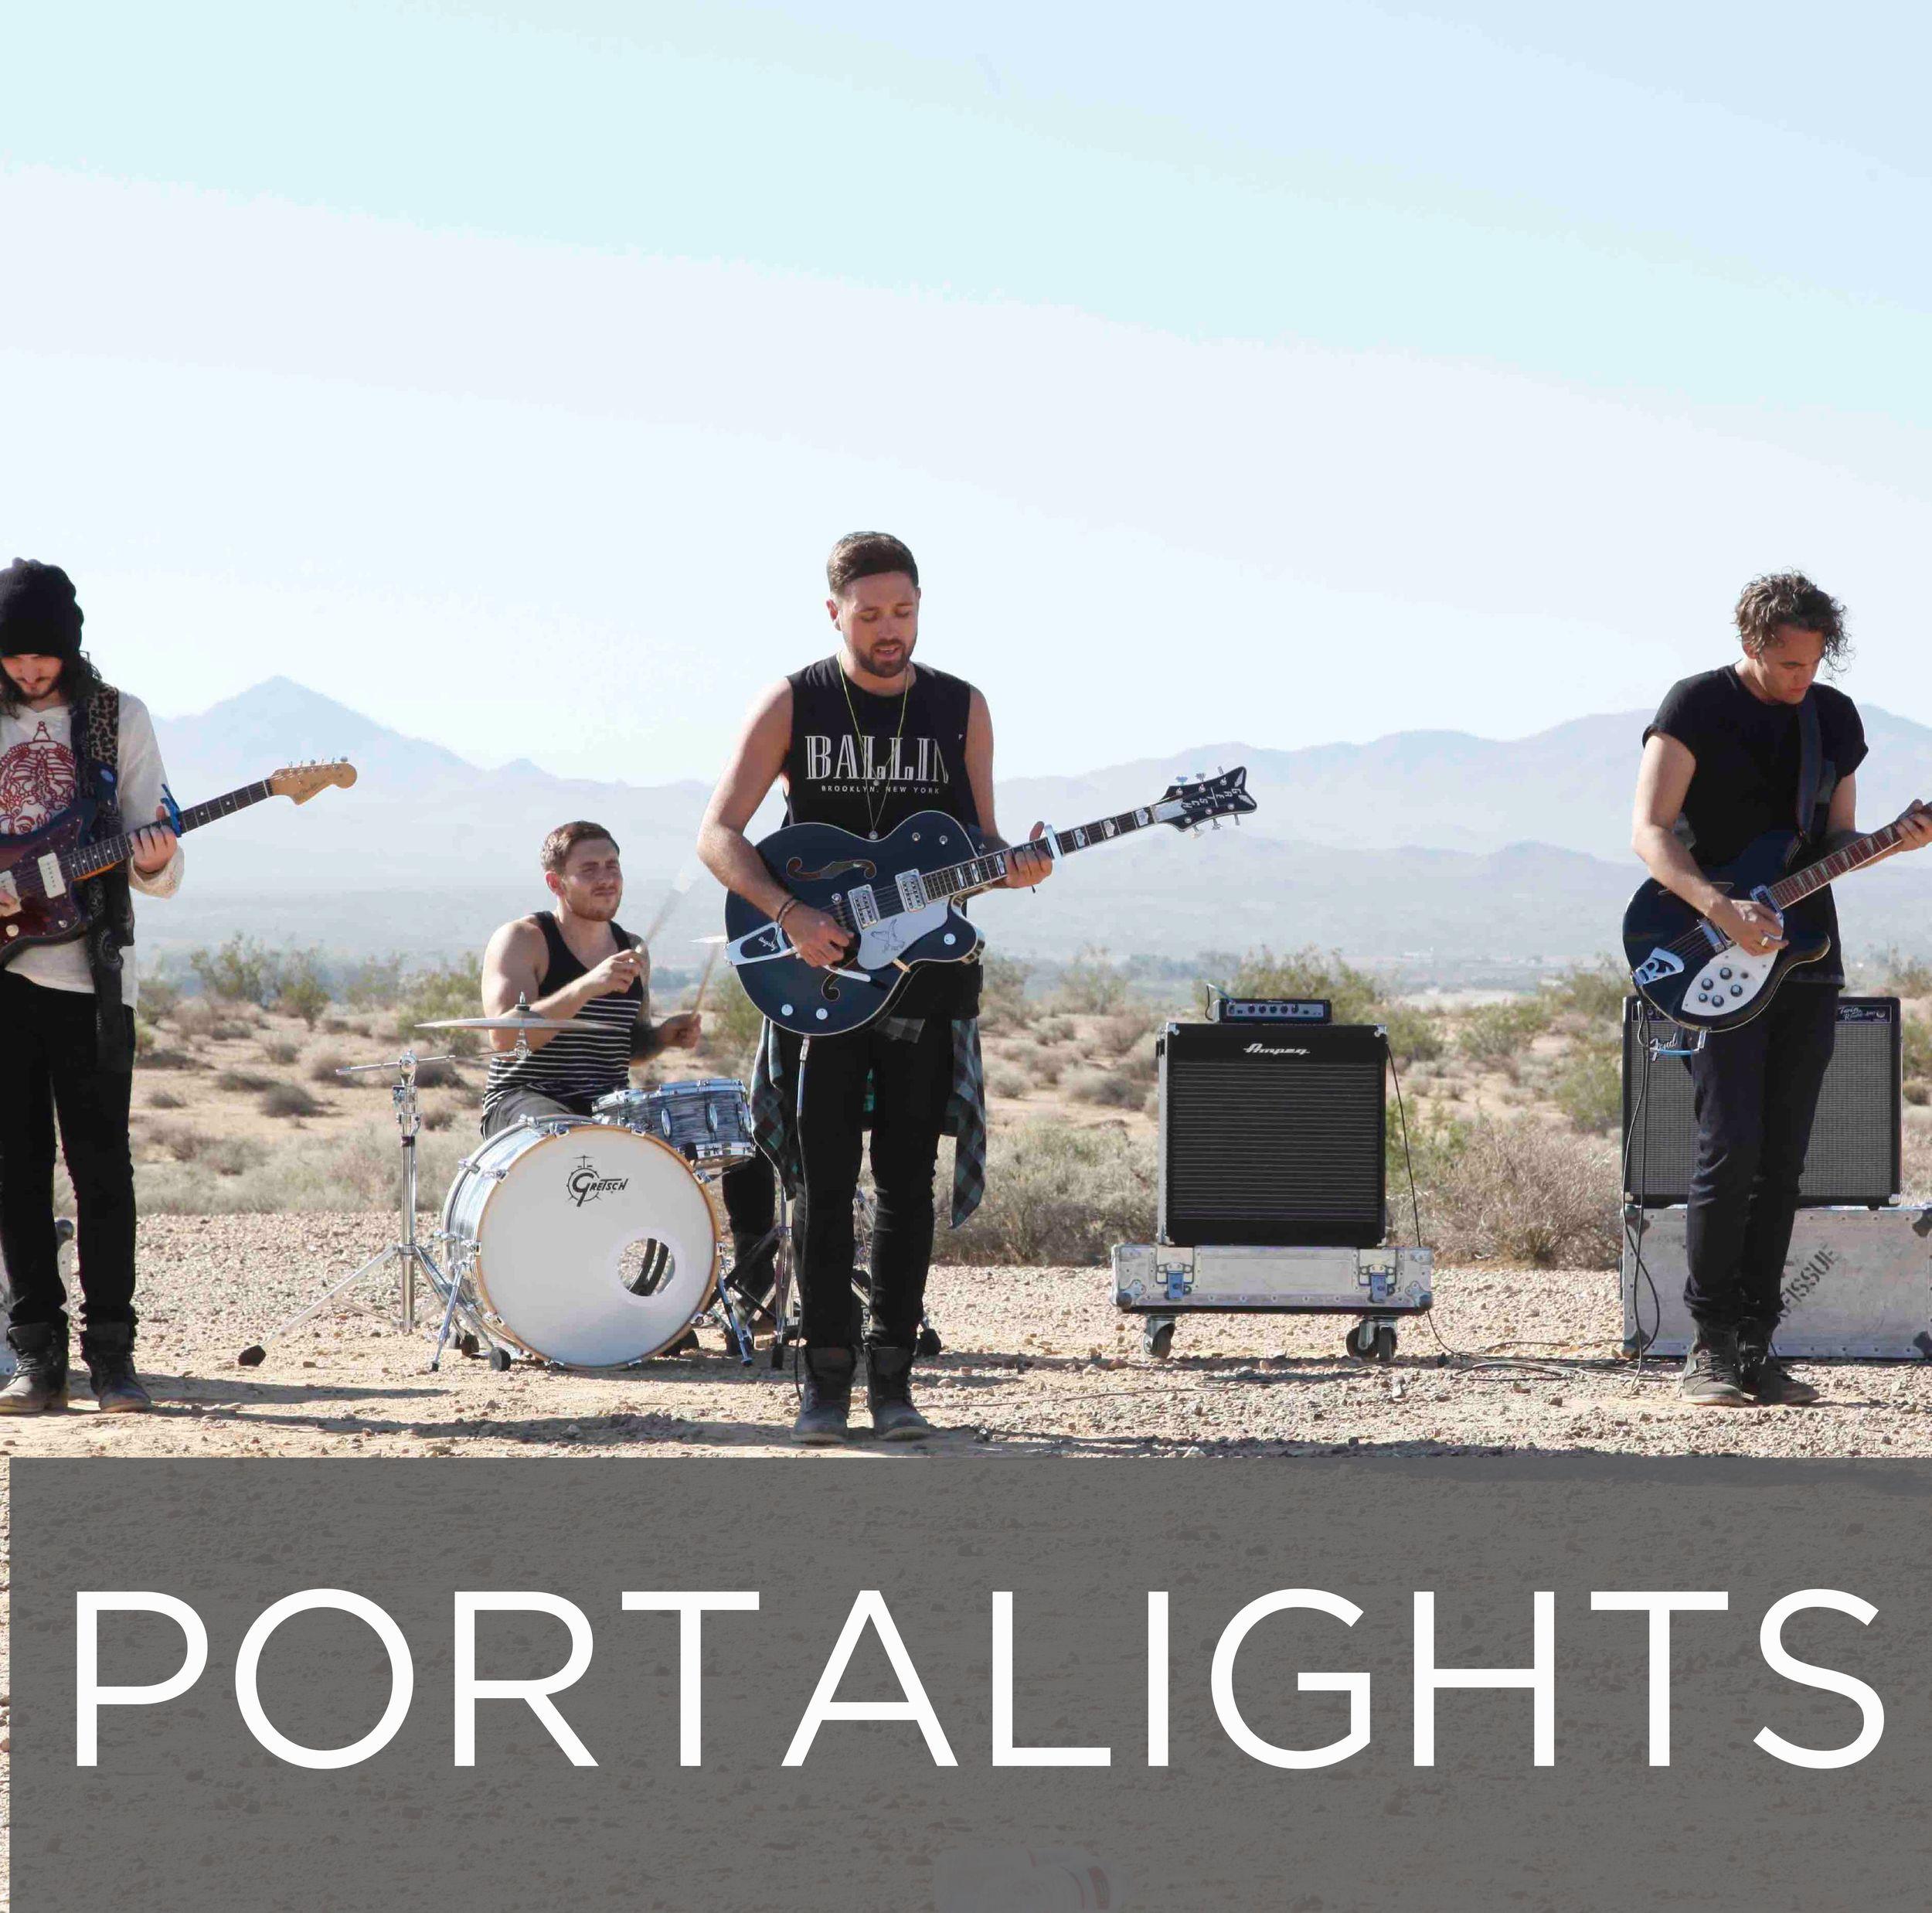 Portalights